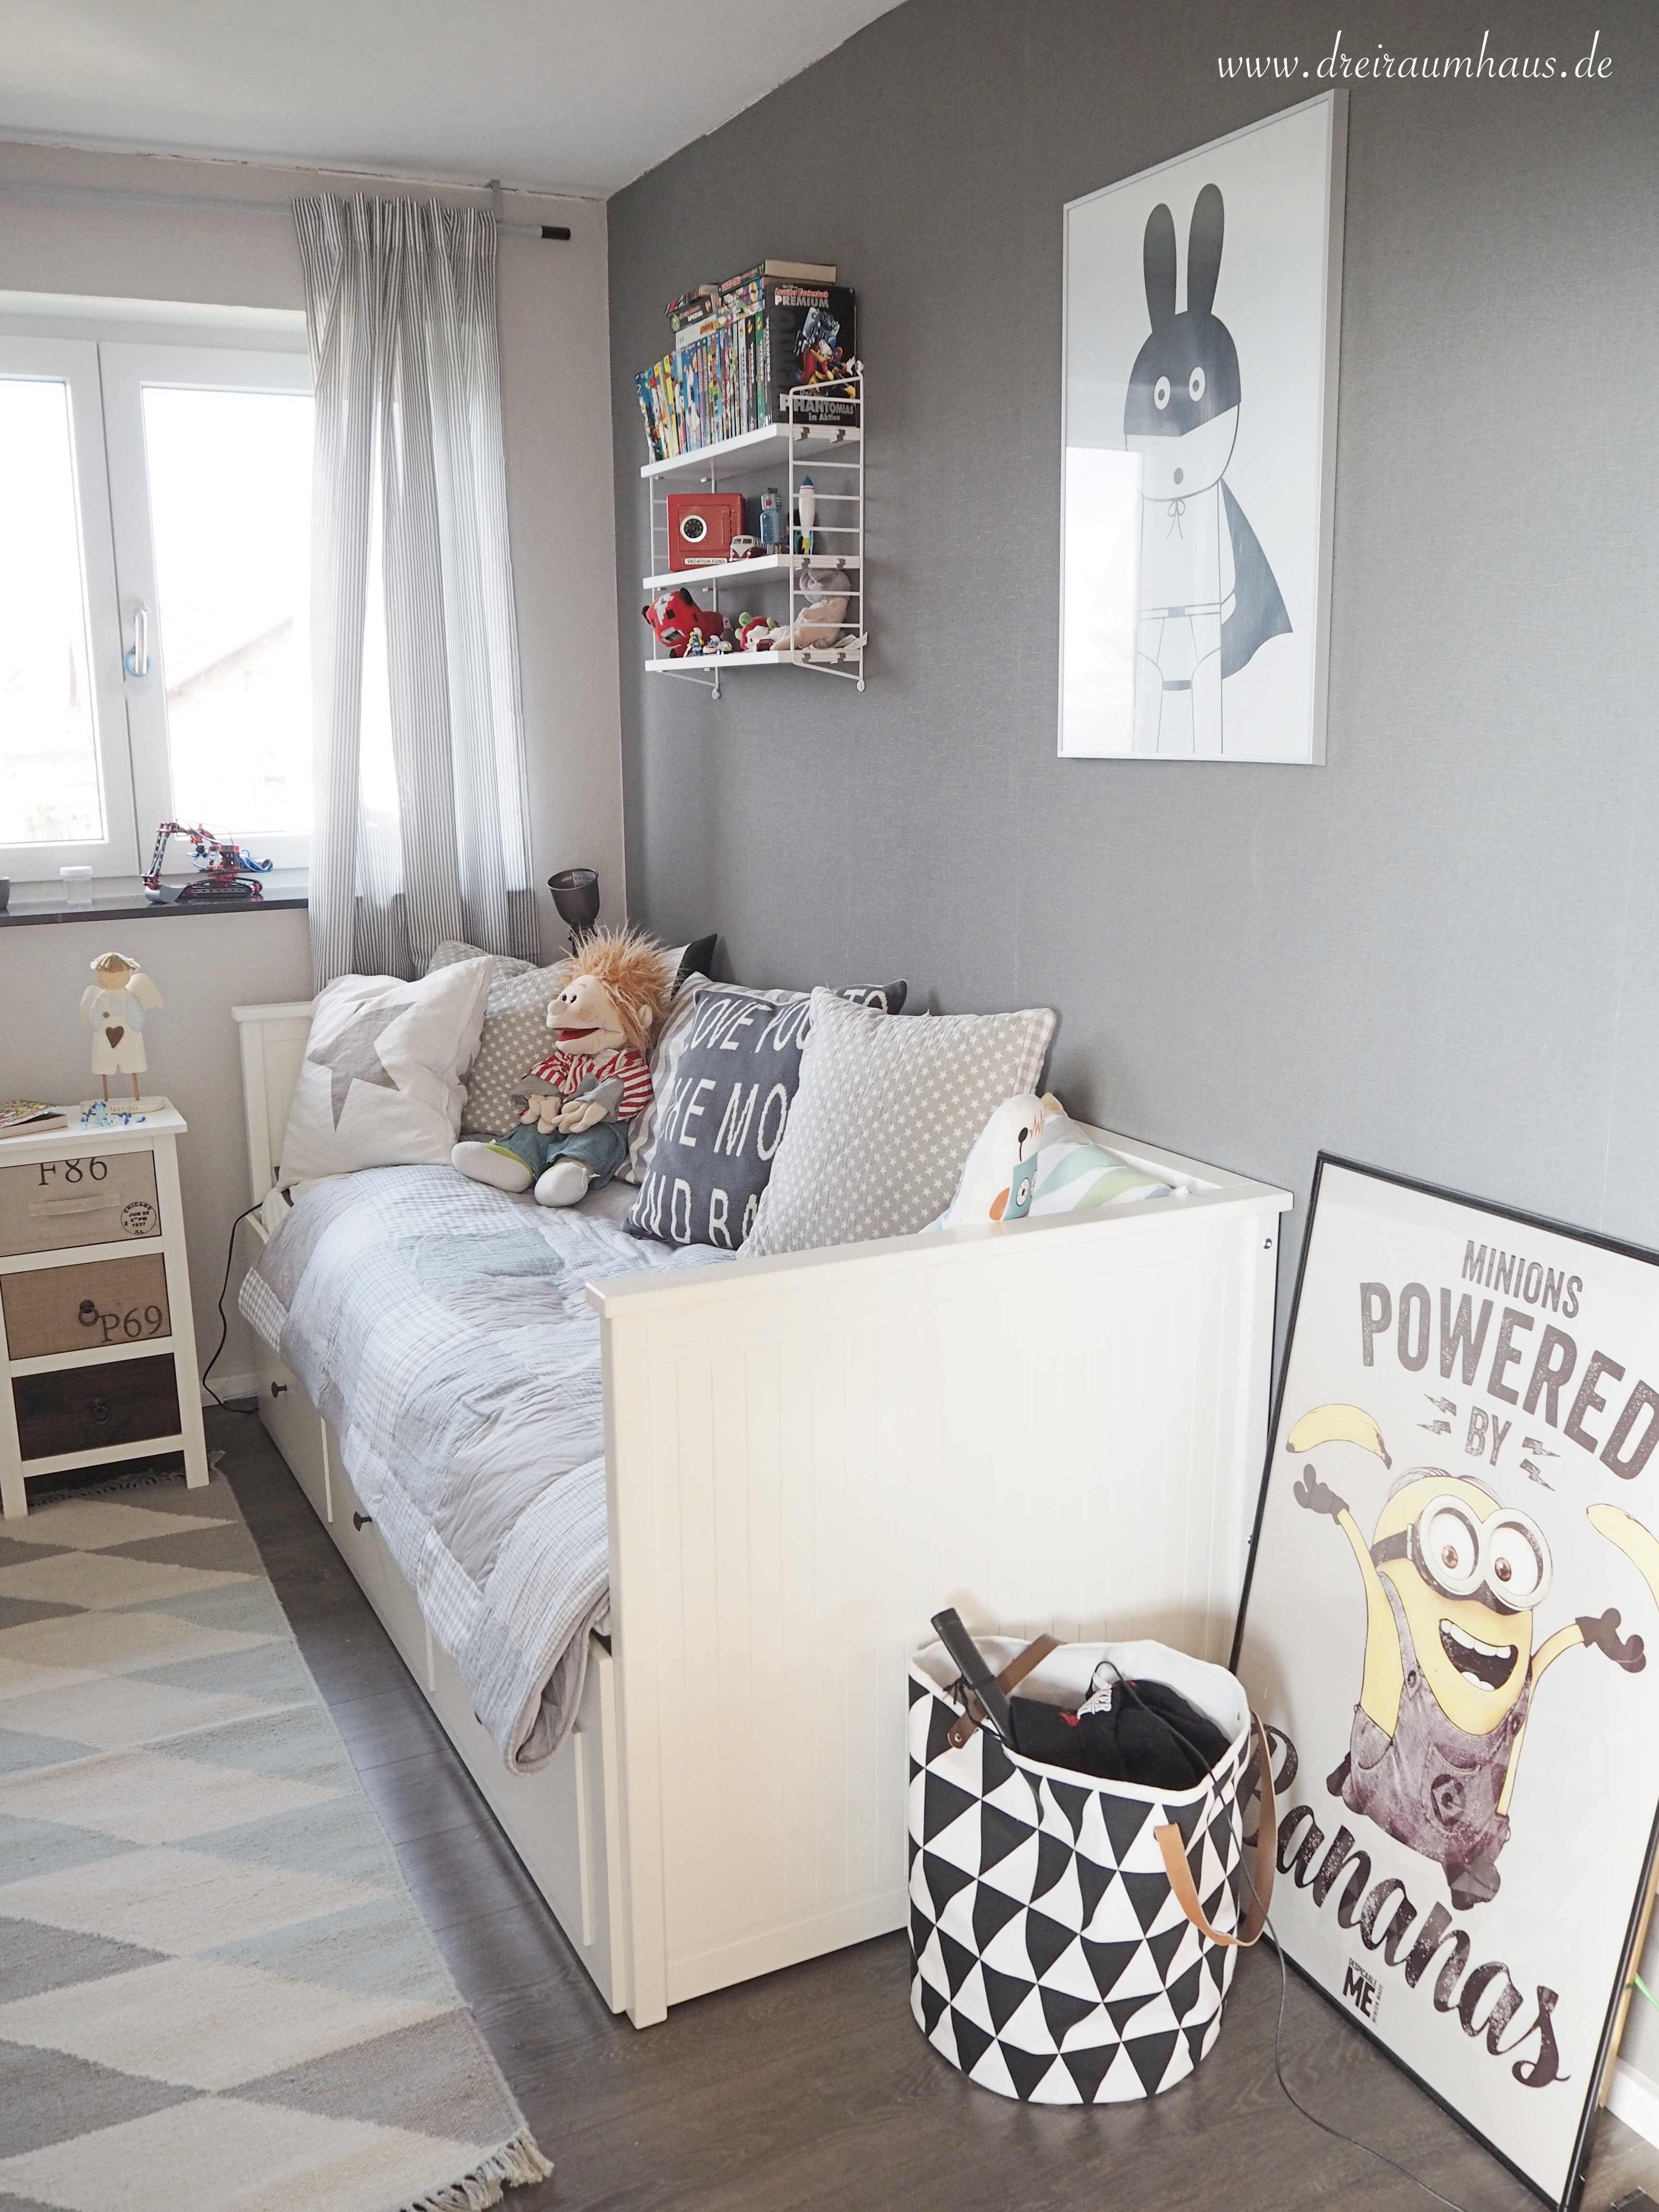 Dreiraumhaus Kinder Räume Kinderraeume Kinderzimmer Roomtour Ikea Hemnes